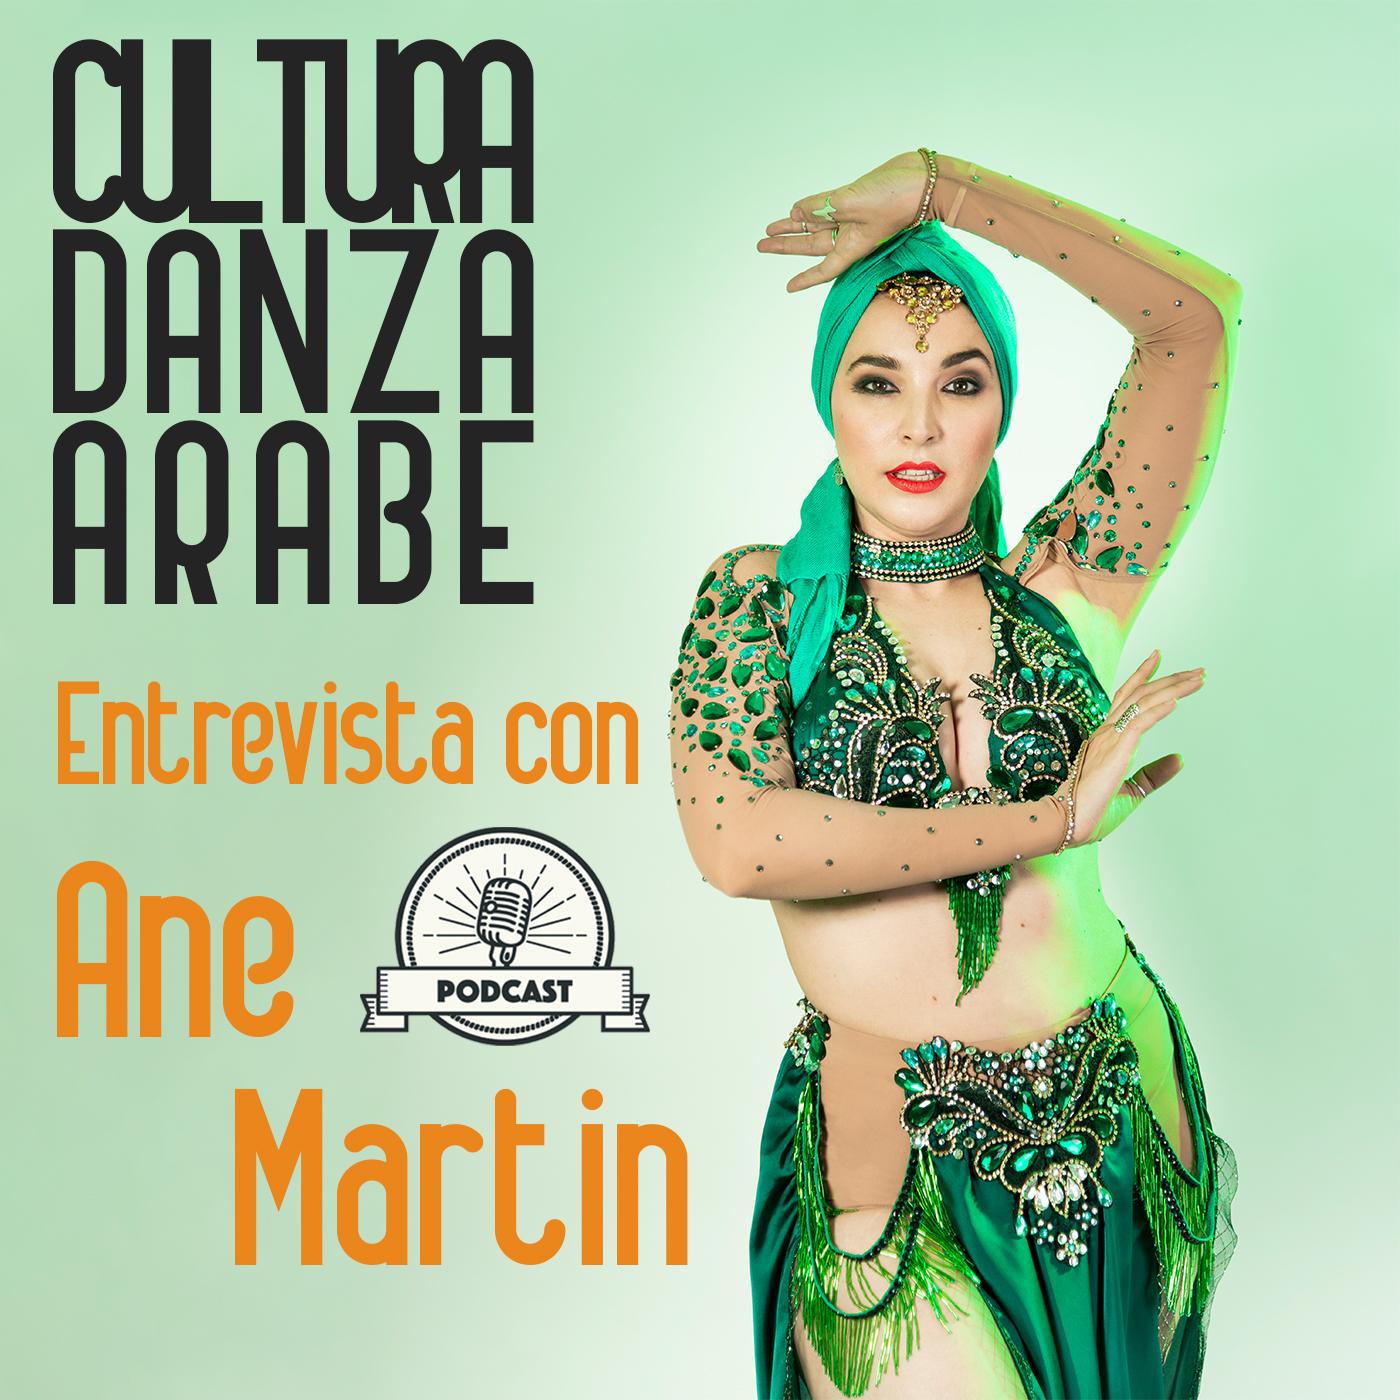 #47 Entrevista con Ane Martin - Cultura, danza y anécdotas